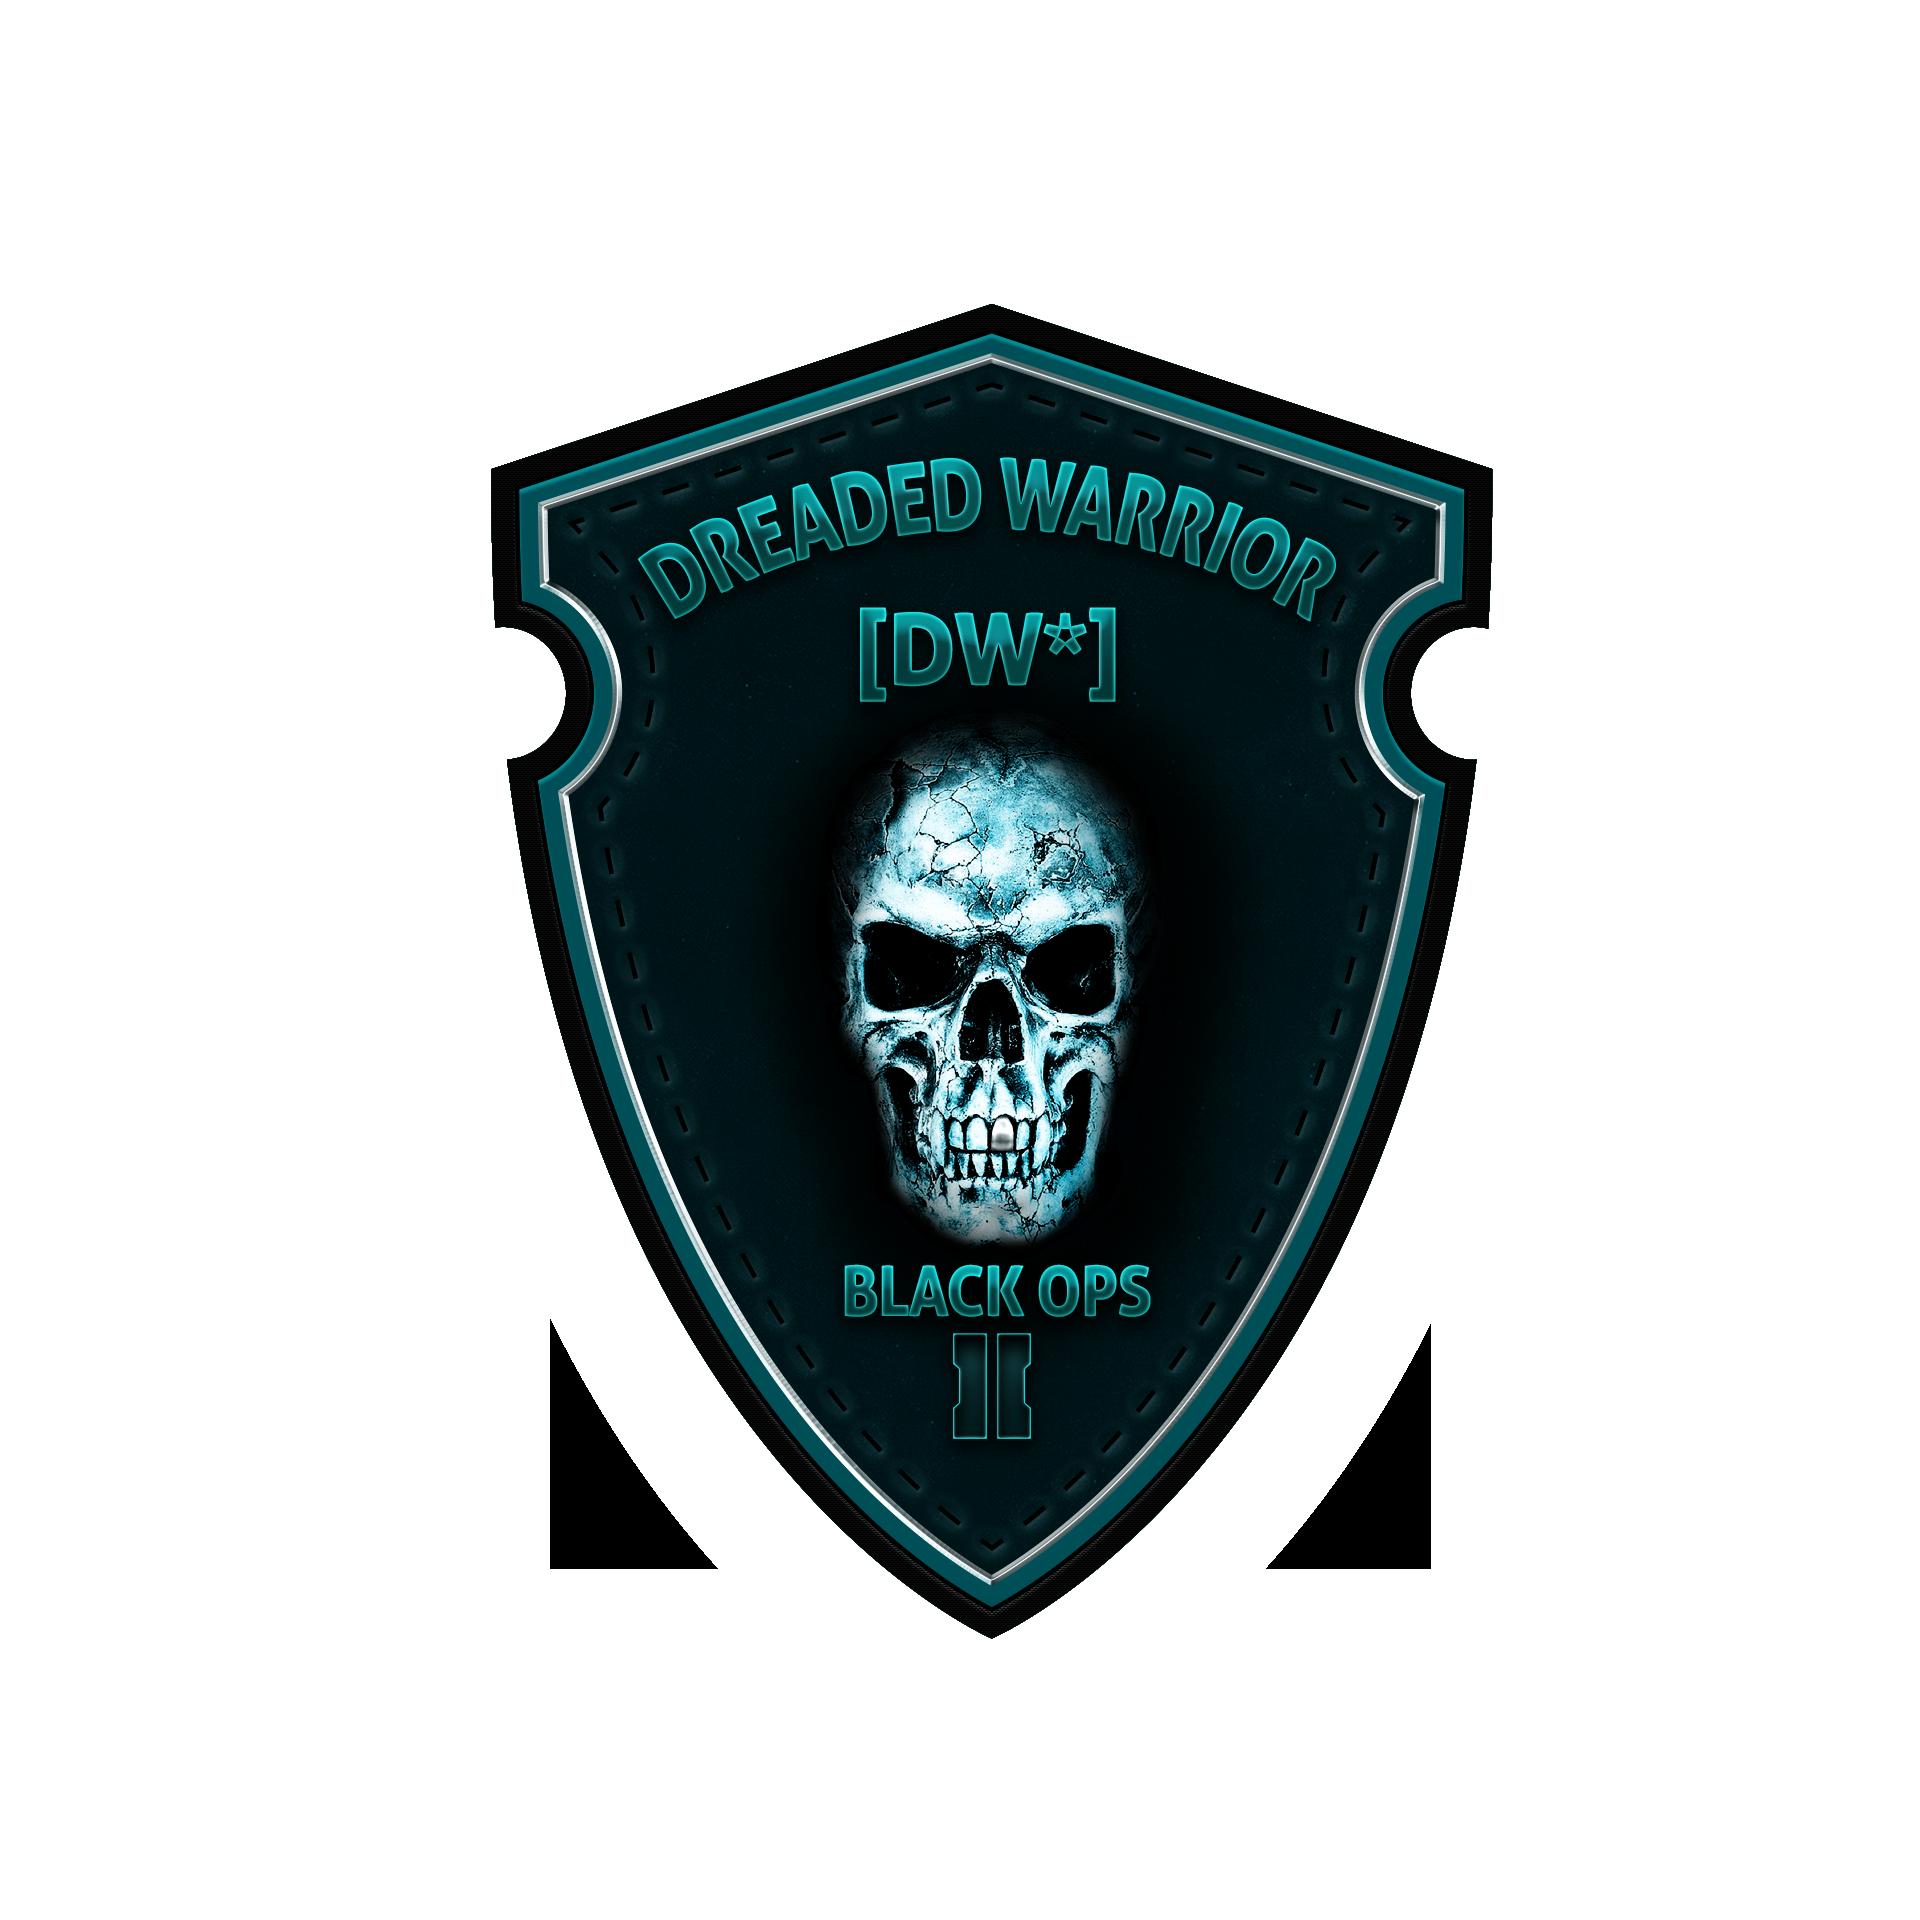 [shouta] dw*-Clan Großbestellung  - Seite 2 Logo1z3jj9